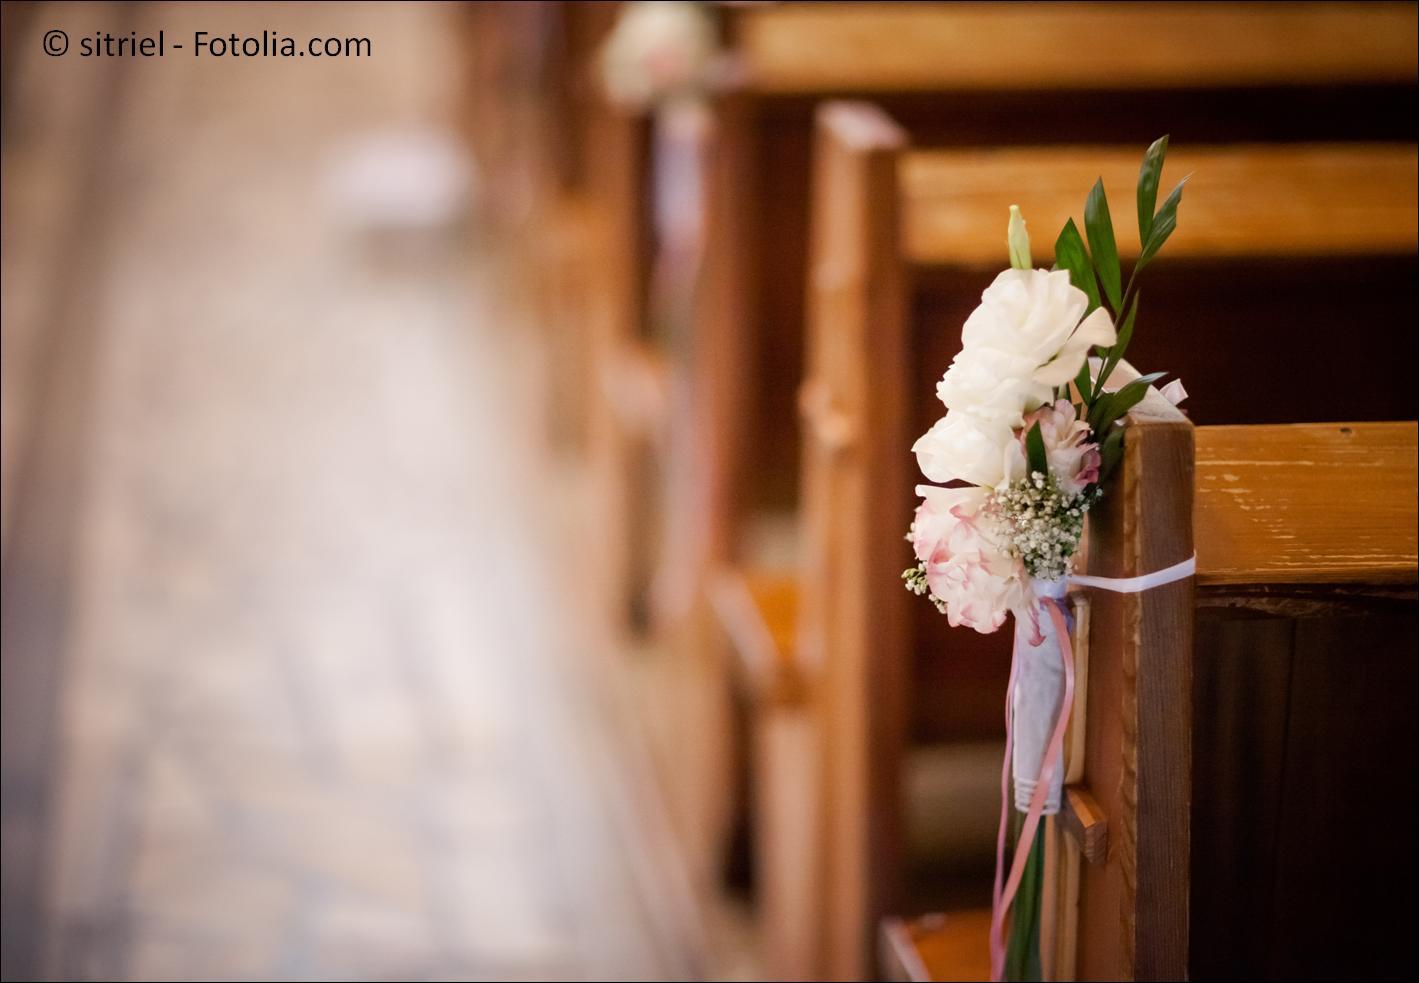 Die passenden Kirchen zur Traumhochzeit finden - © sitriel - Fotolia.com